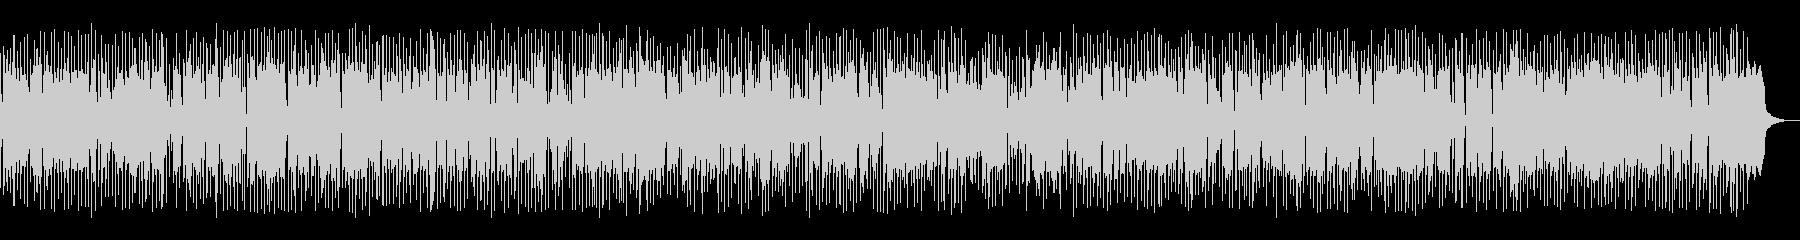 ノリの良いシンセ系ディスコテクノビートの未再生の波形